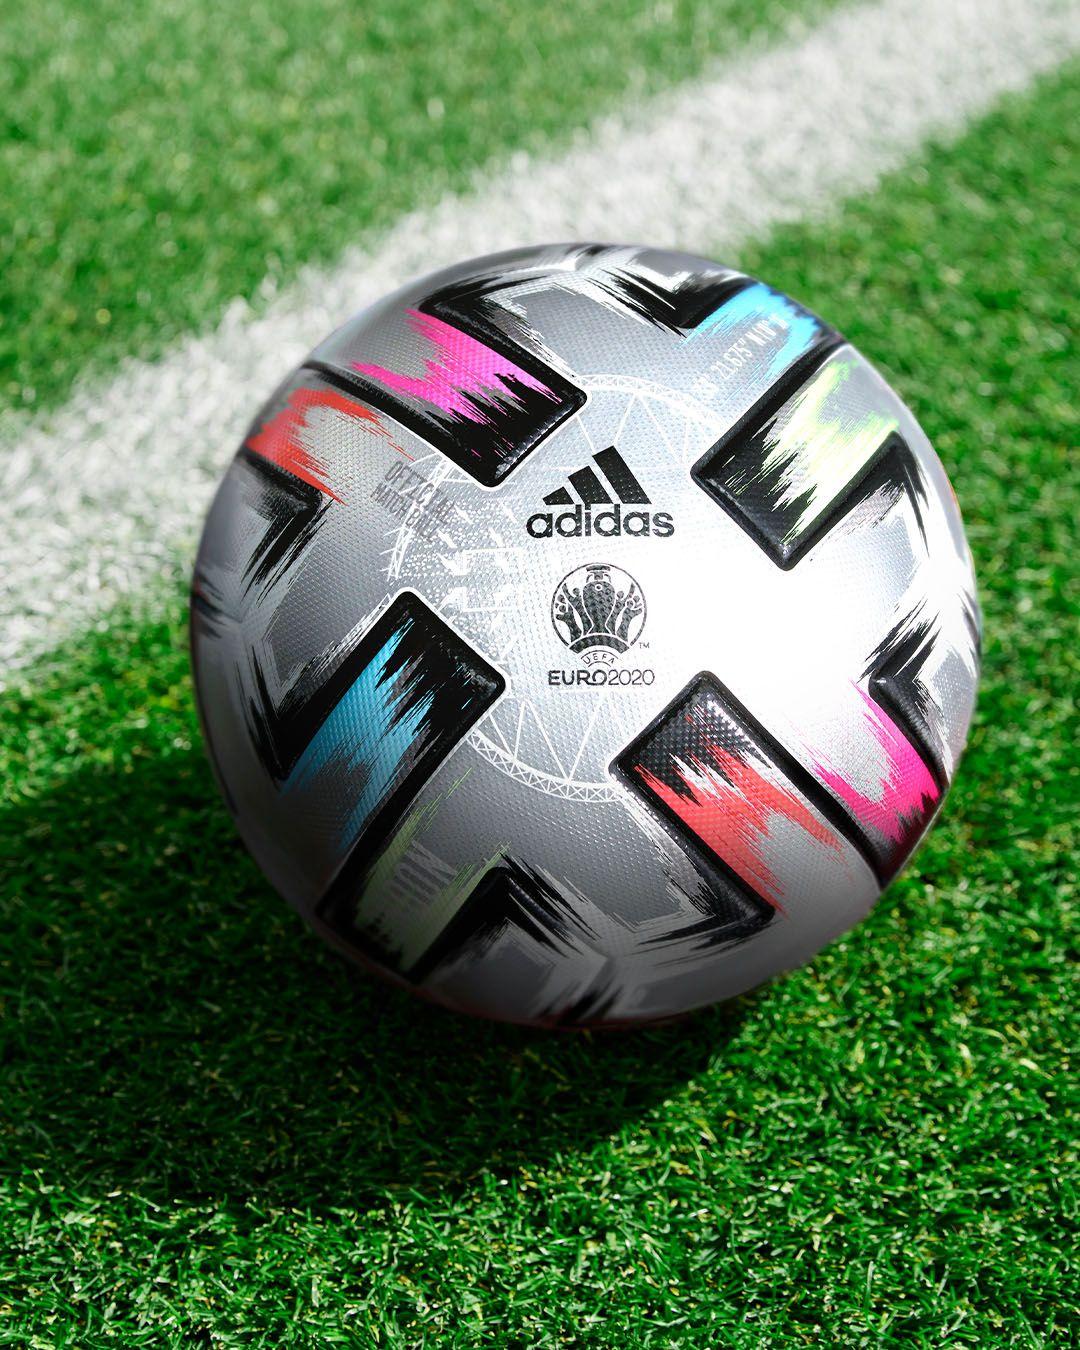 adidas dévoile le ballon des phases finales de l'UEFA EURO 2020